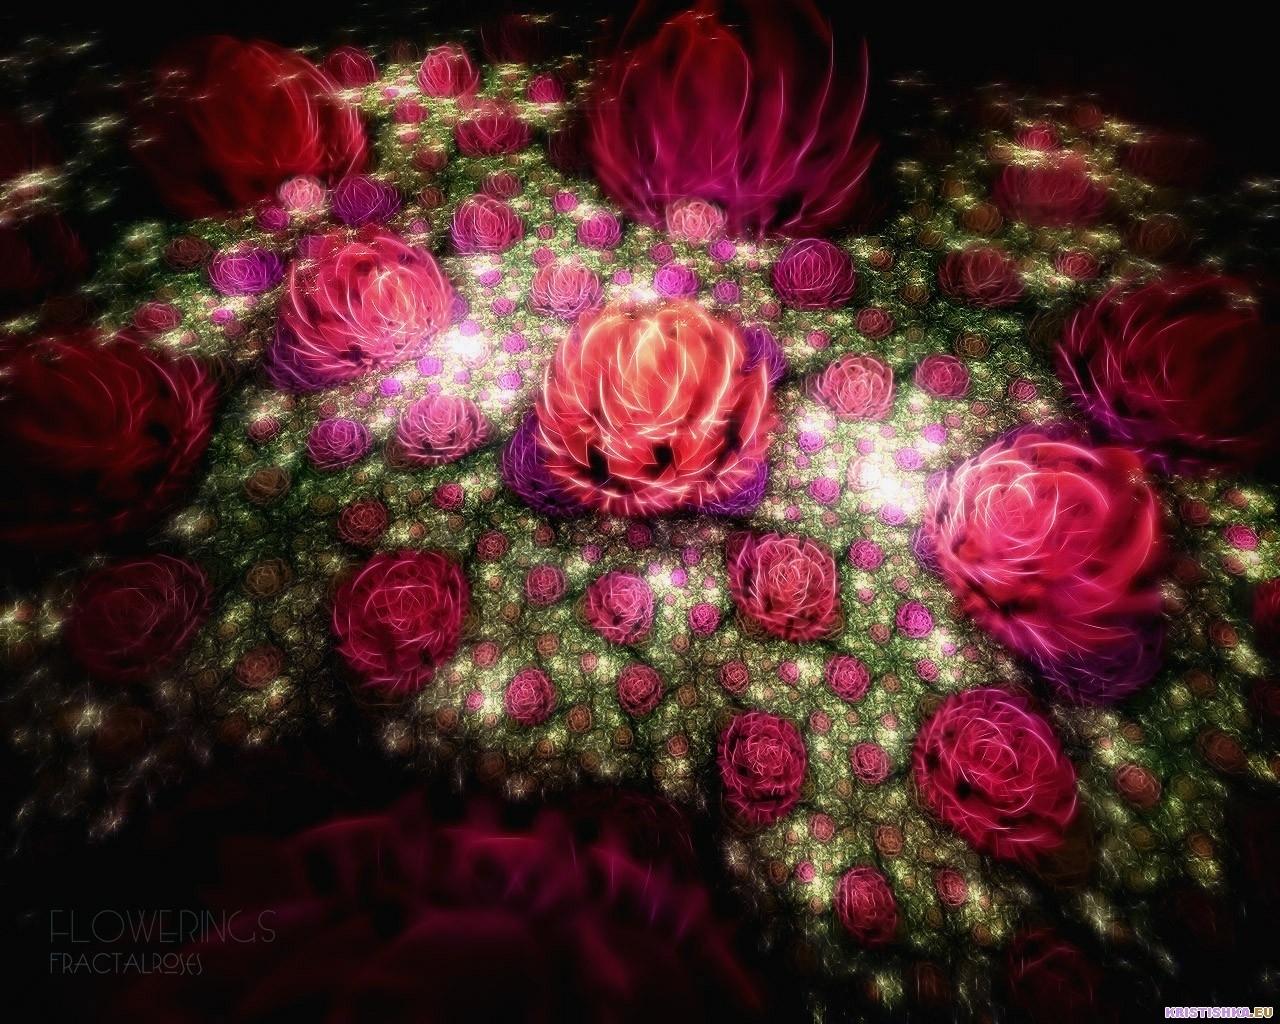 5911 descargar fondo de pantalla Flores, Arte, Imágenes: protectores de pantalla e imágenes gratis